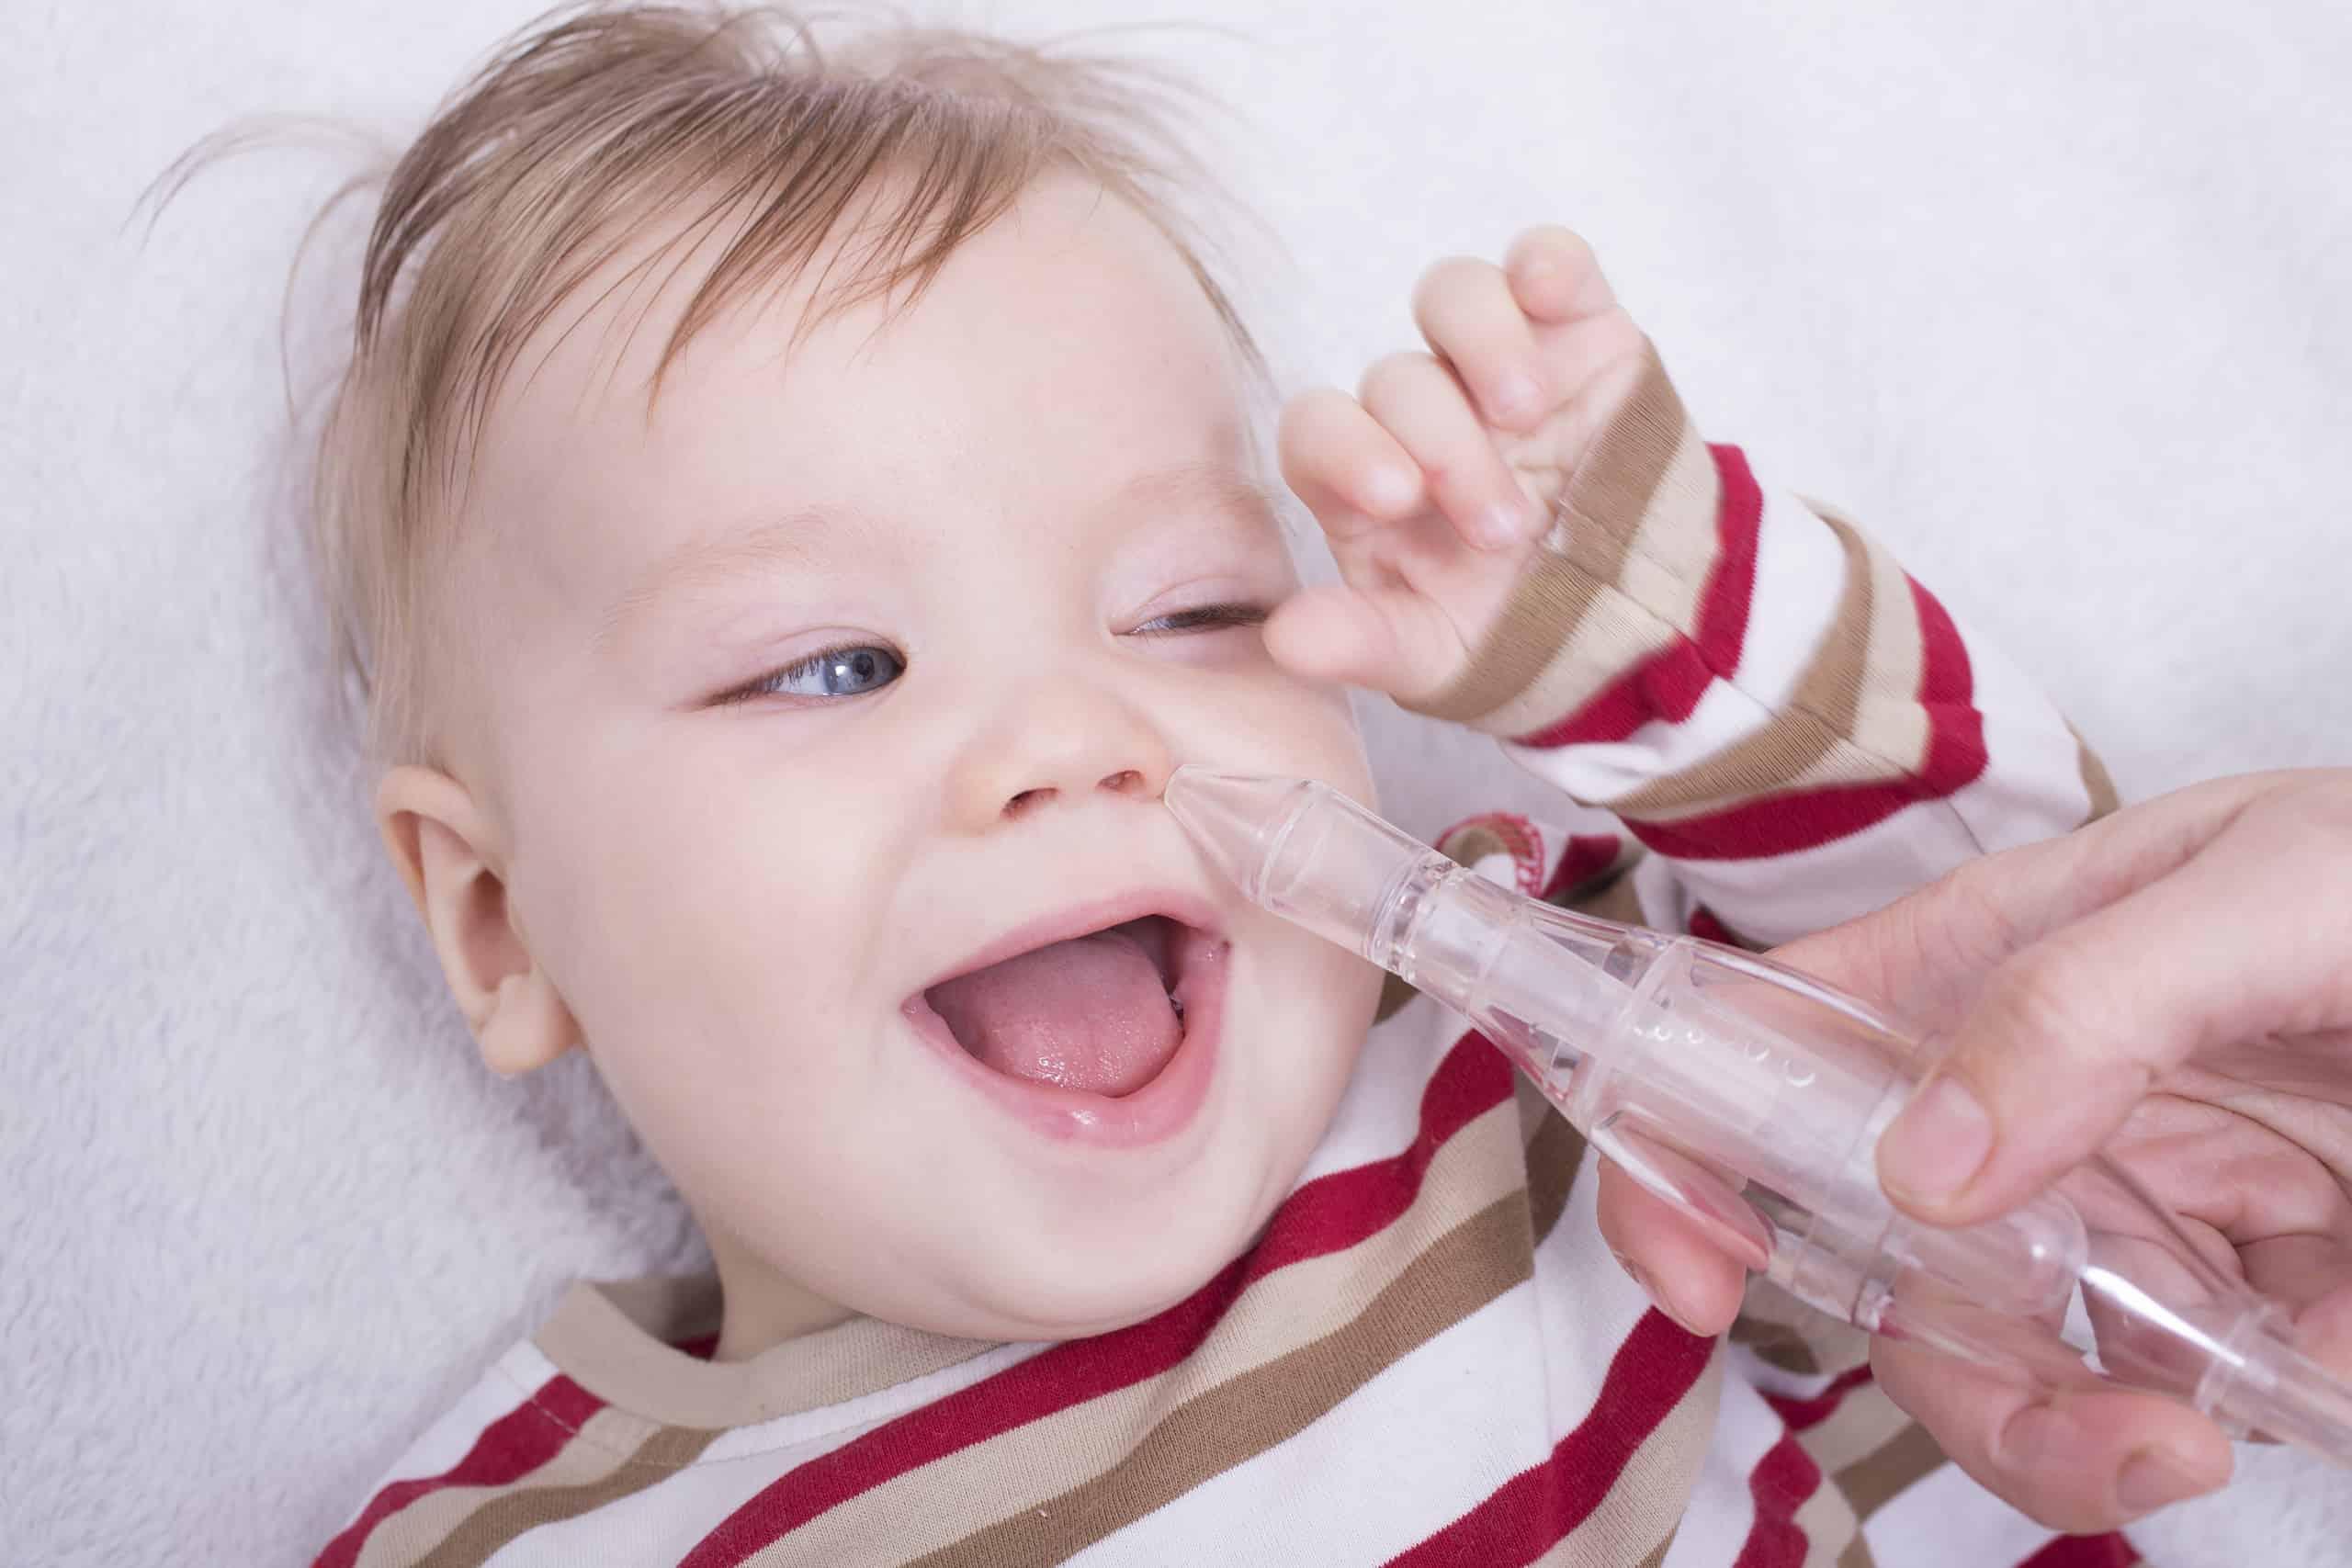 Насморк и кашель у новорожденного - кашель у новорожденного 1 месяц - запись пользователя мотя (umka555) в дневнике - babyblog.ru